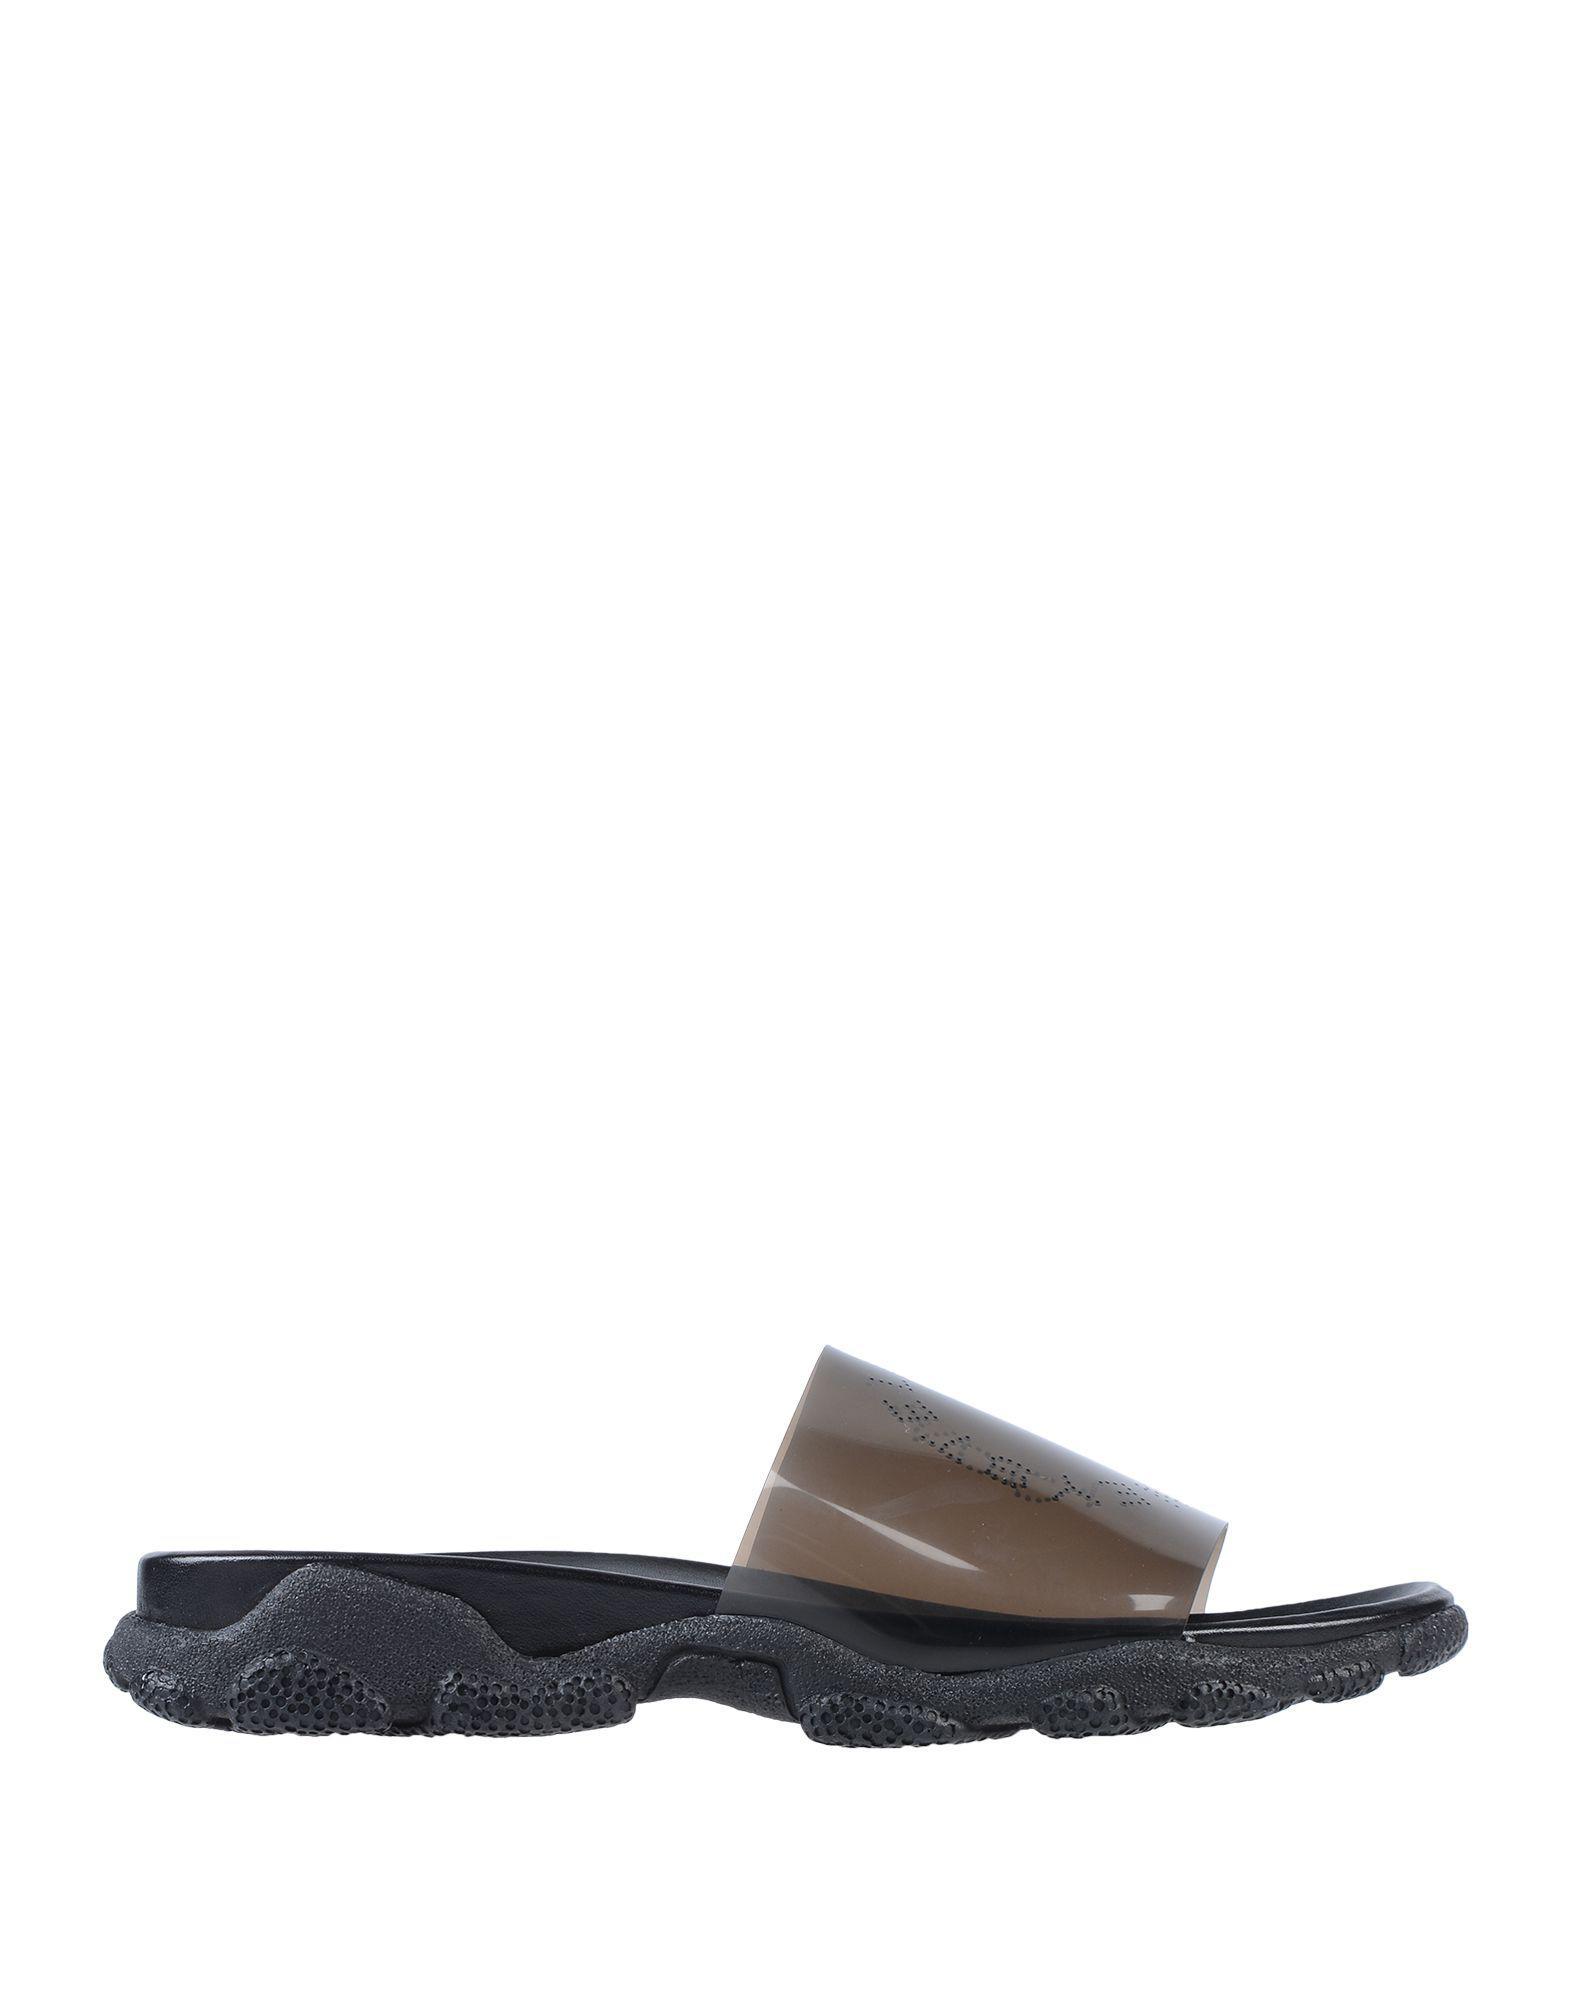 e6074472b Lyst - Stella McCartney Slippers in Black for Men - Save 58%